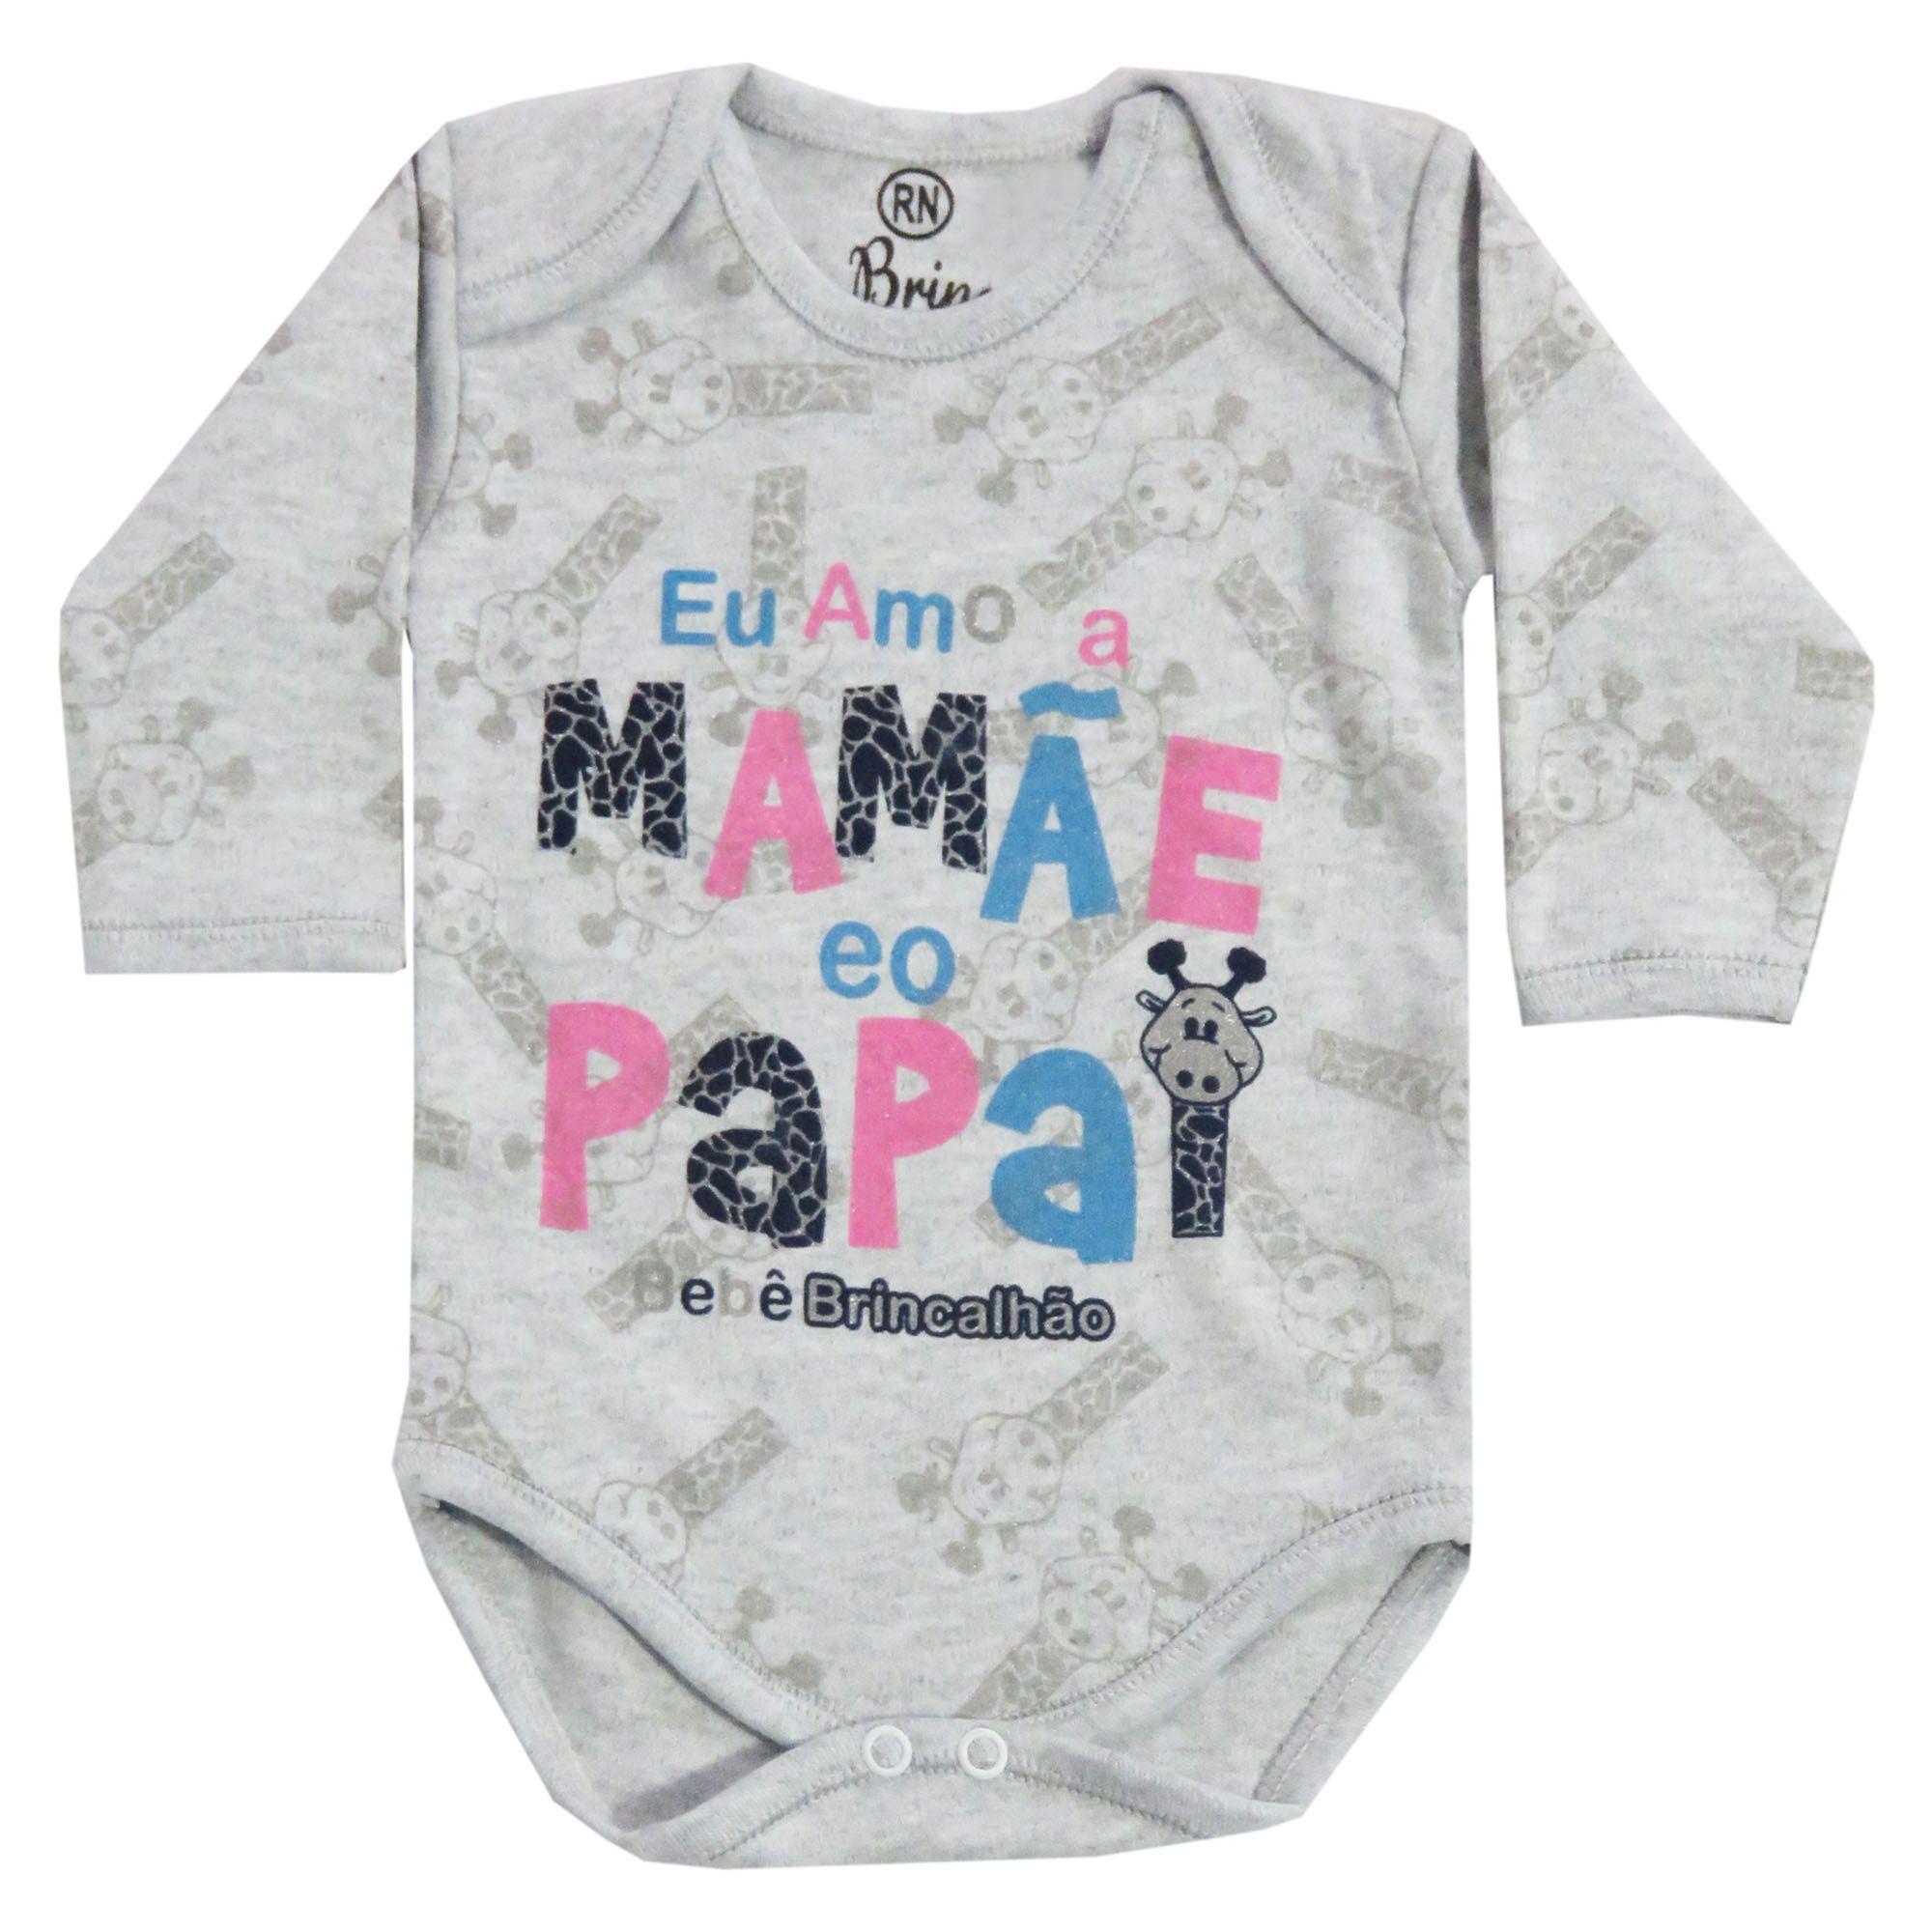 Body Manga Longa Bebê Brincalhão Frases Eu Amo a Mamãe e o Papai - RN ao G